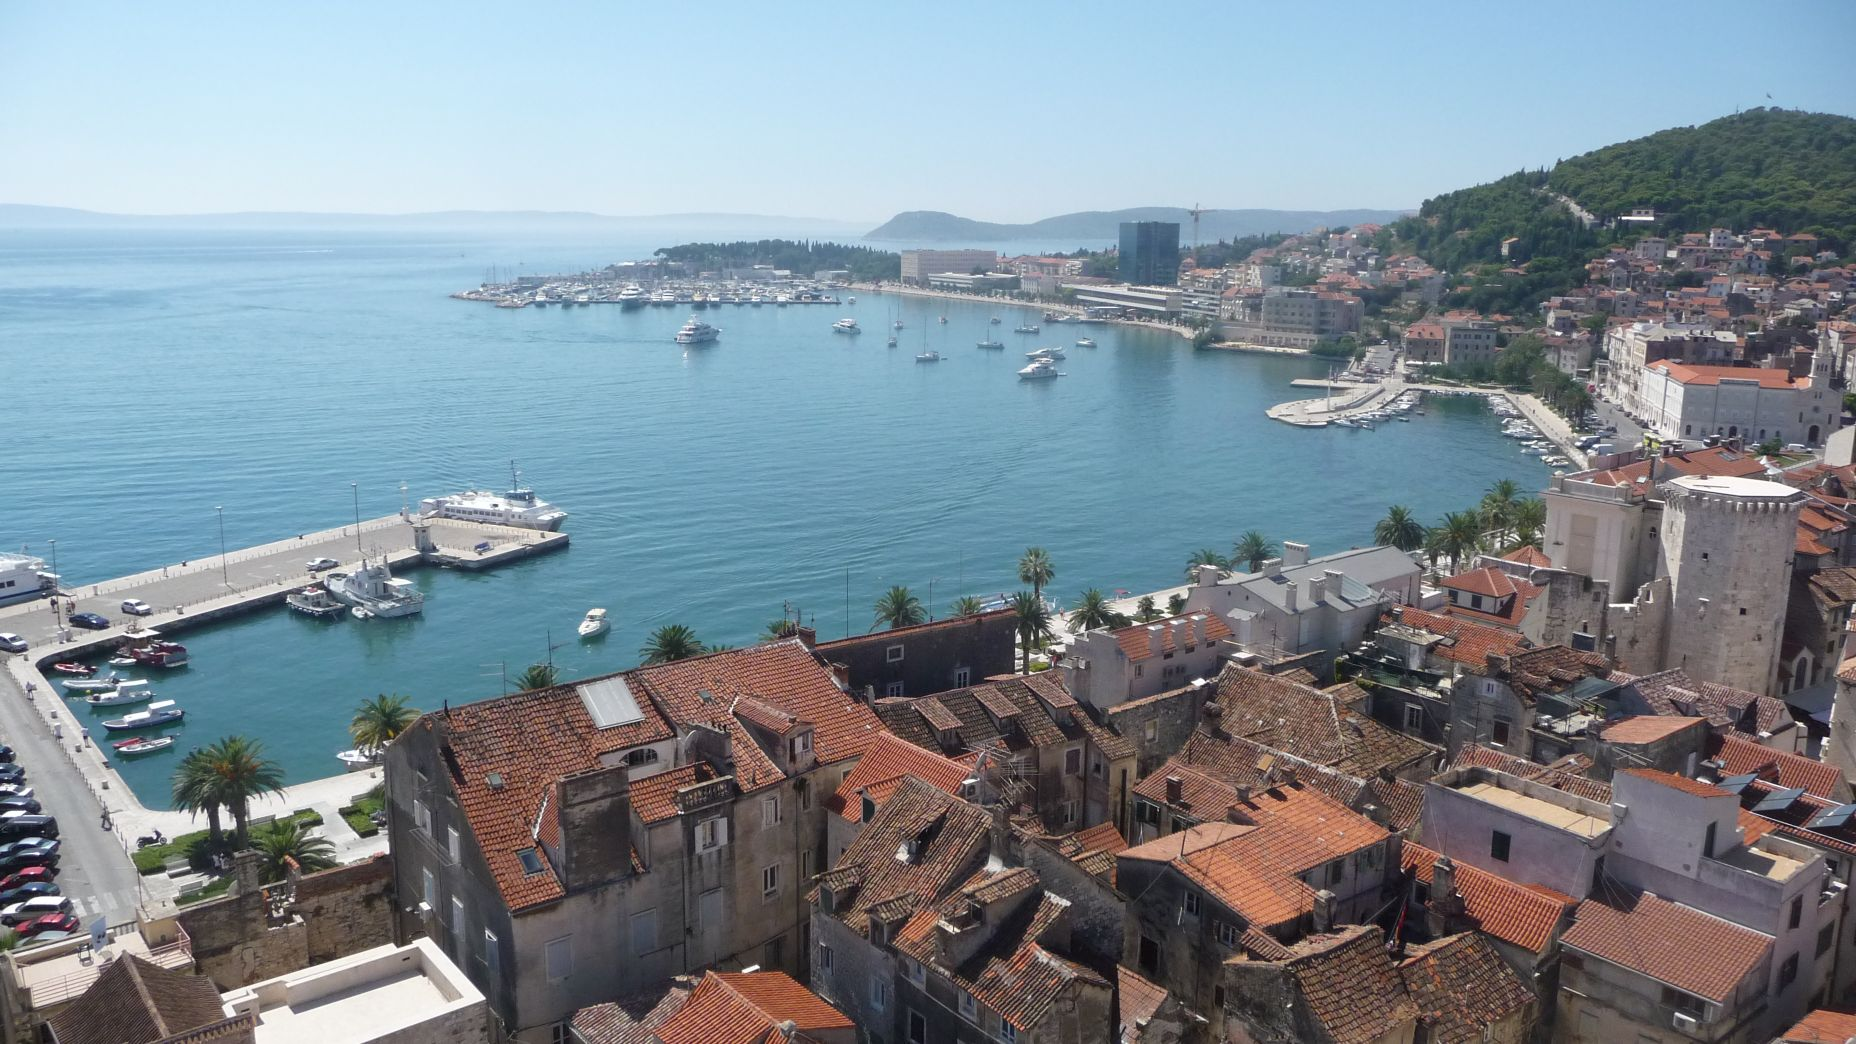 Chorwacja - Podstawowe informacje - przewodnik, zdjęcia, atrakcje